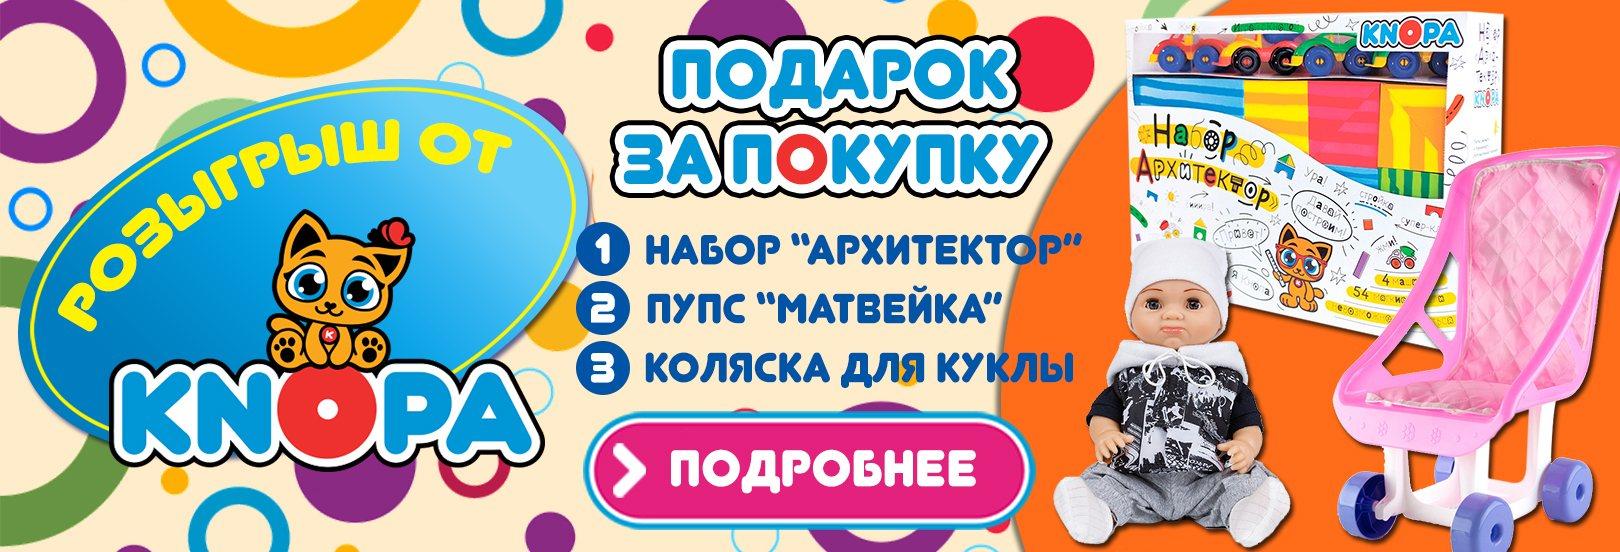 #выигрывай играя)